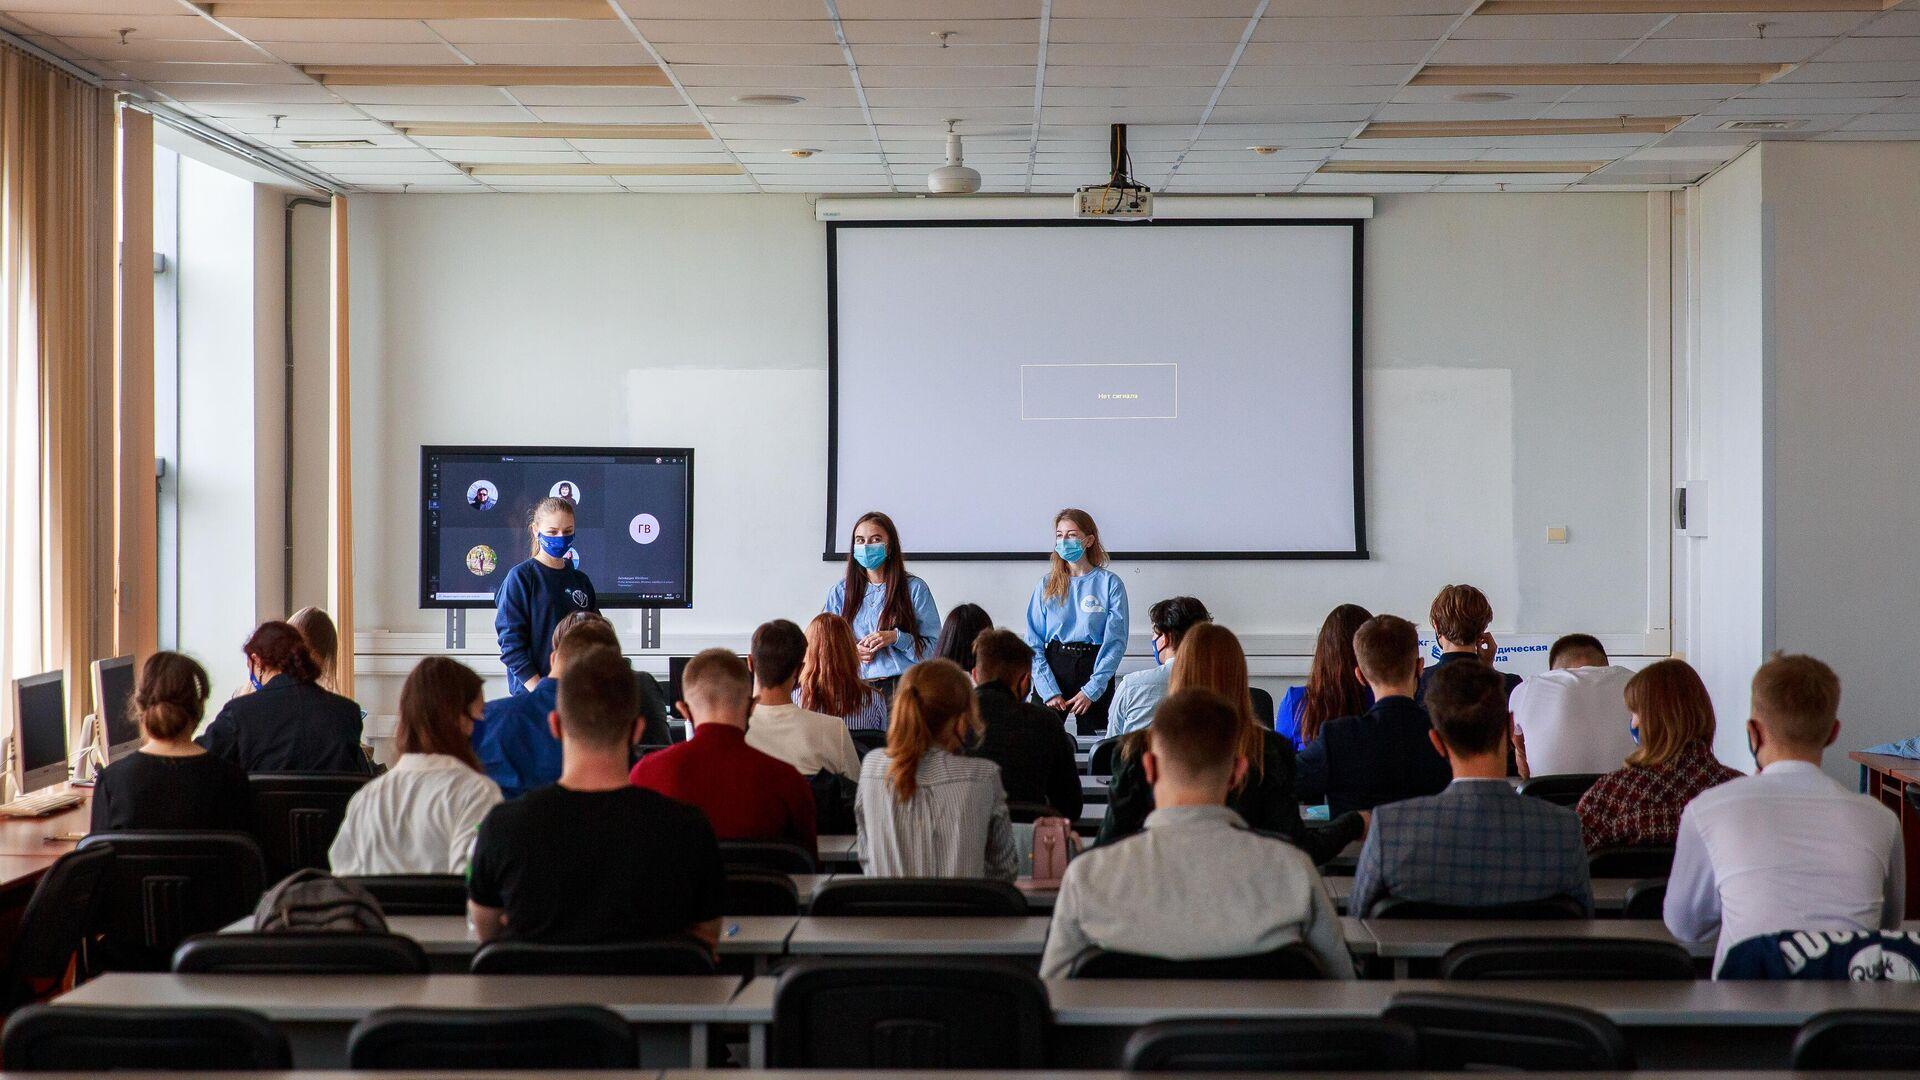 Студенты в аудитории Дальневосточного федерального университета  - РИА Новости, 1920, 30.10.2020